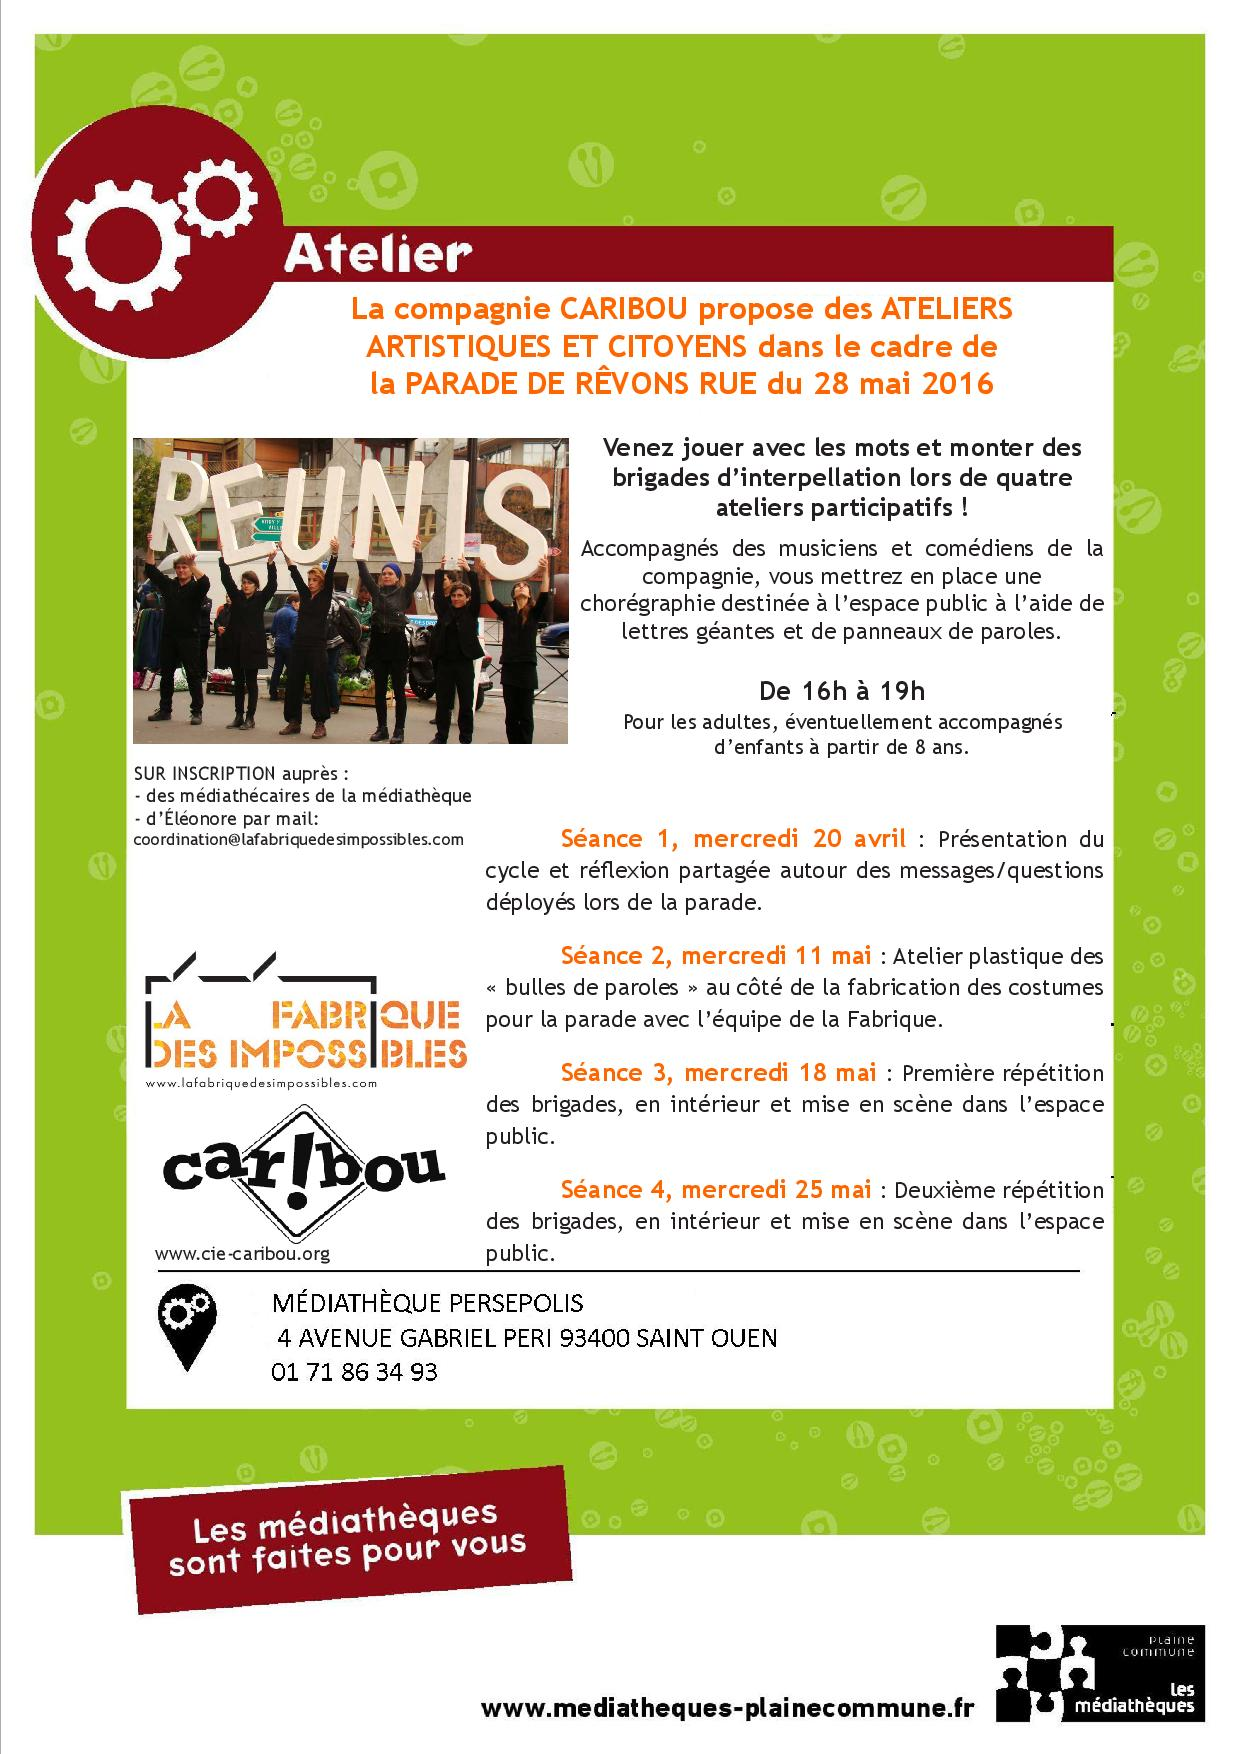 Flyer_Ateliers_Caribou_Médiathèque-4-page-001